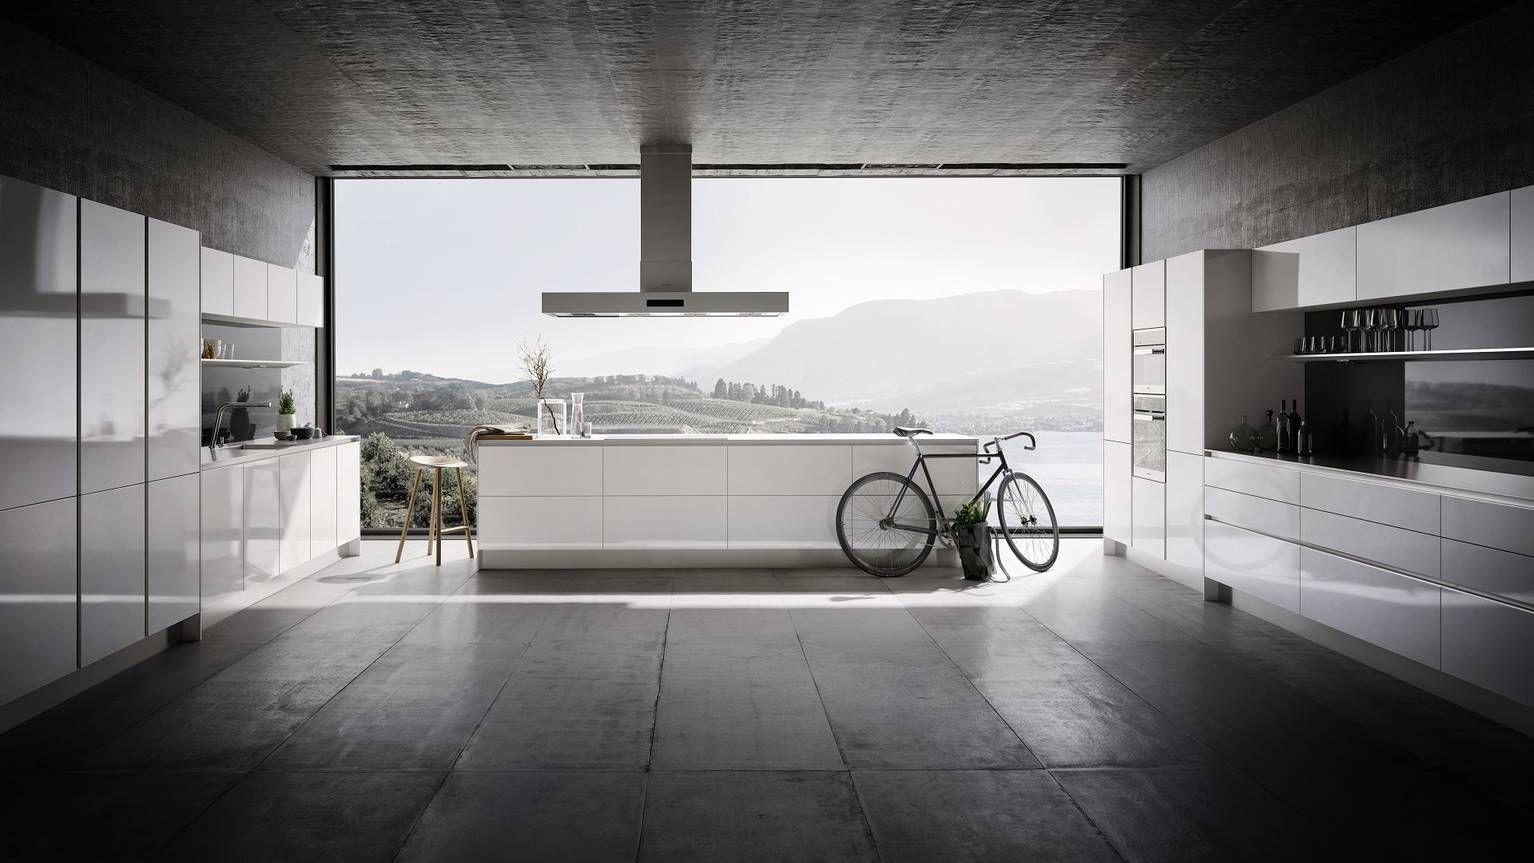 Ungewöhnlich Kücheninsel Tops Fotos - Ideen Für Die Küche Dekoration ...